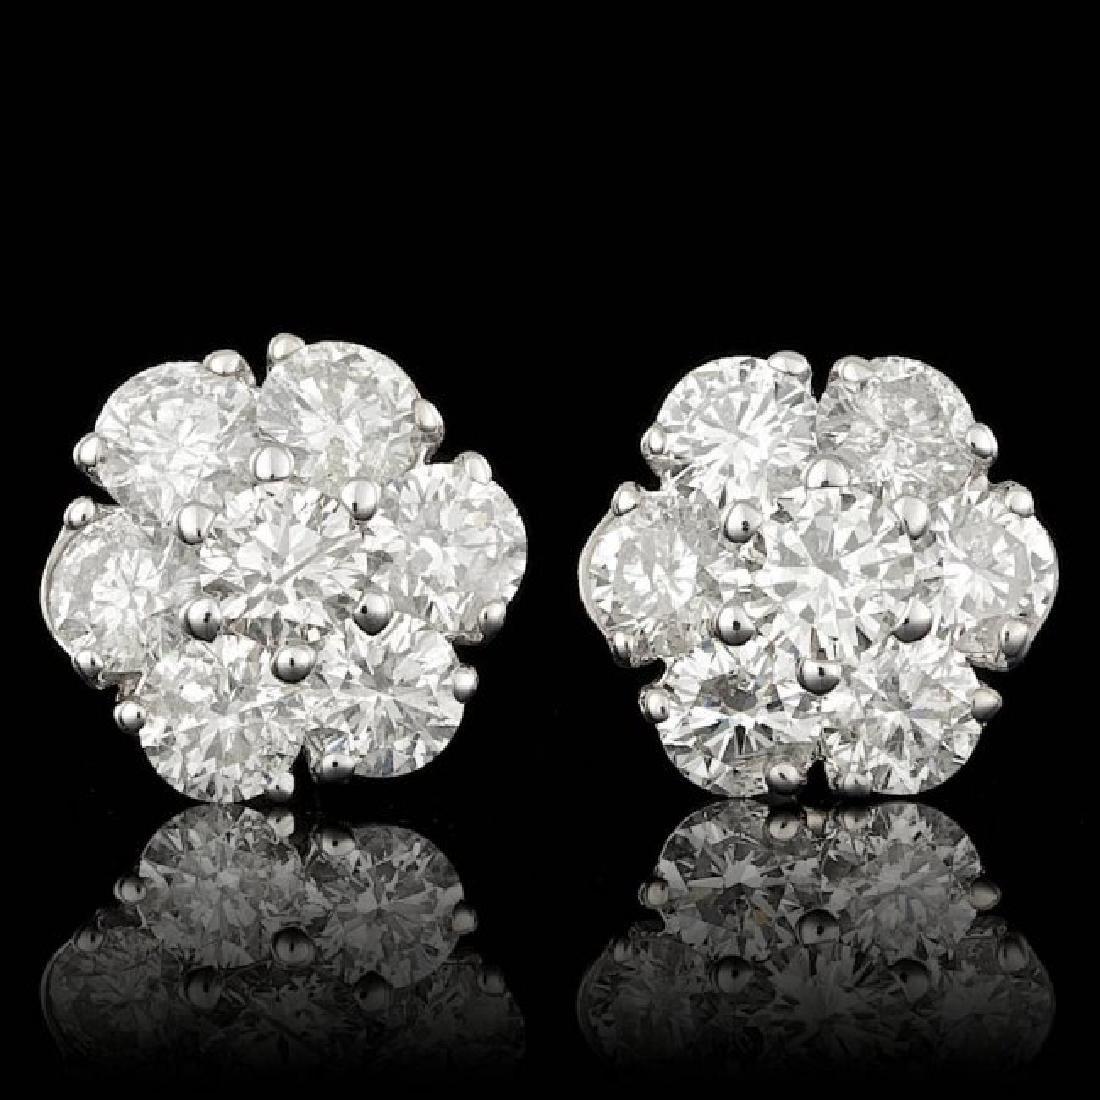 14k White Gold 2.35ct Diamond Earrings